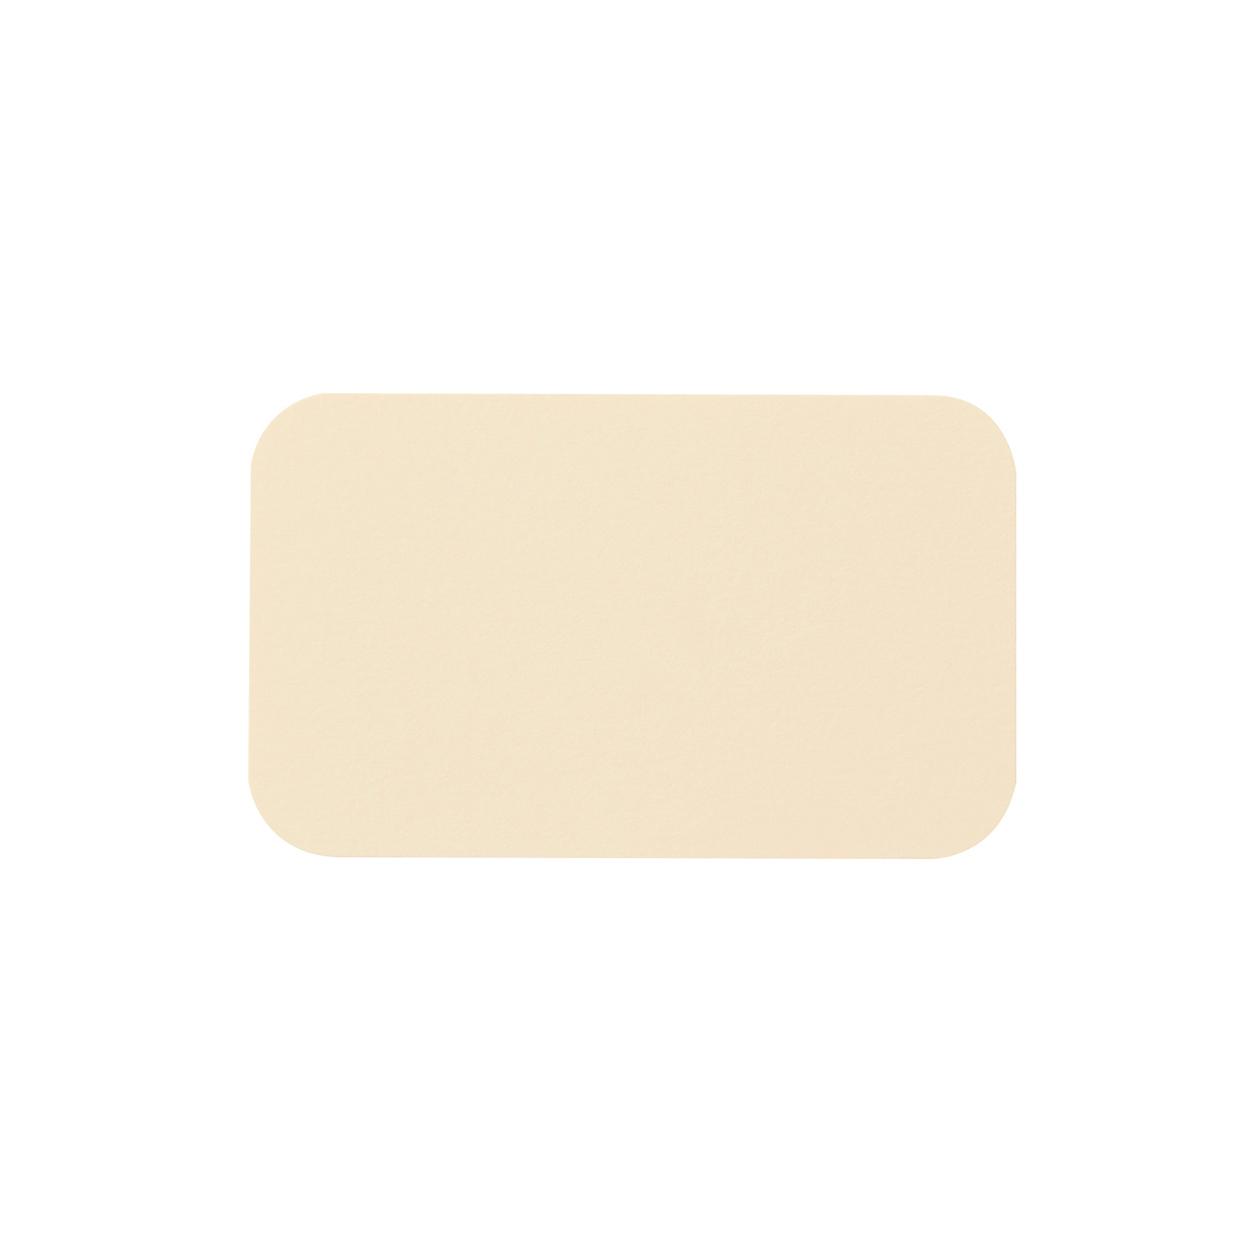 ネームカードR コットン ナチュラル 232.8g